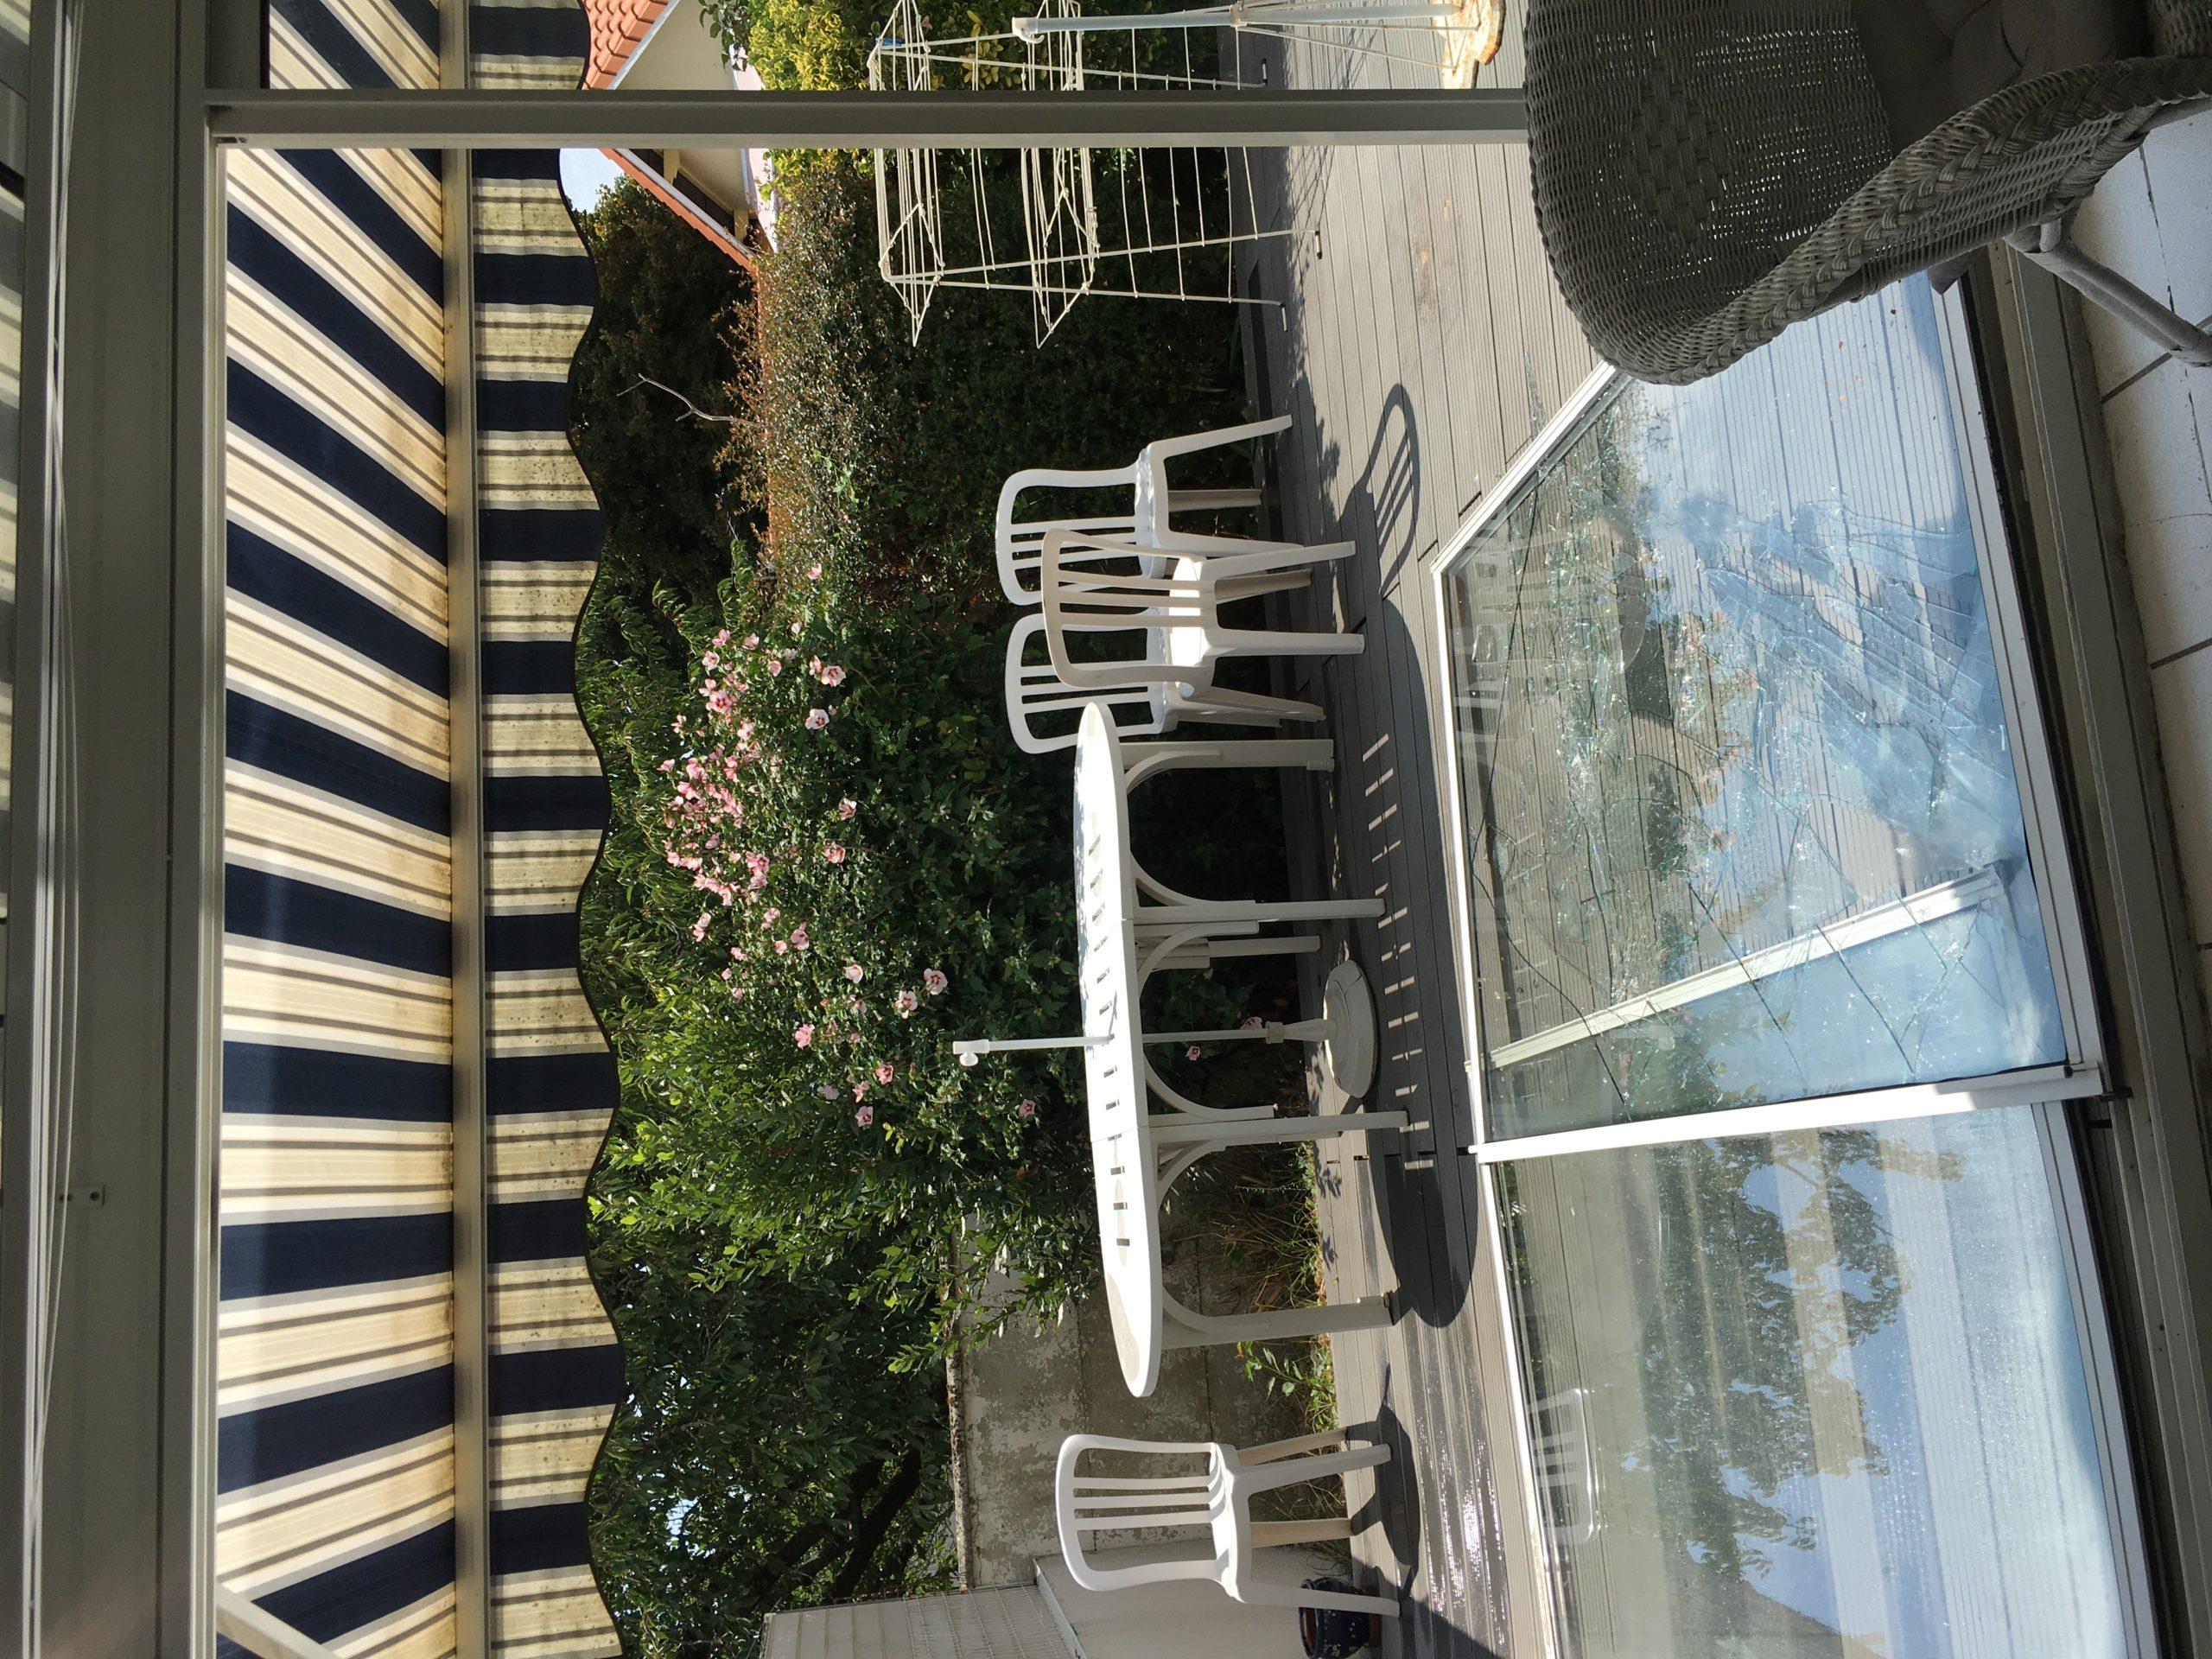 Dépannage d'une baie vitrée cassée La Rochelle